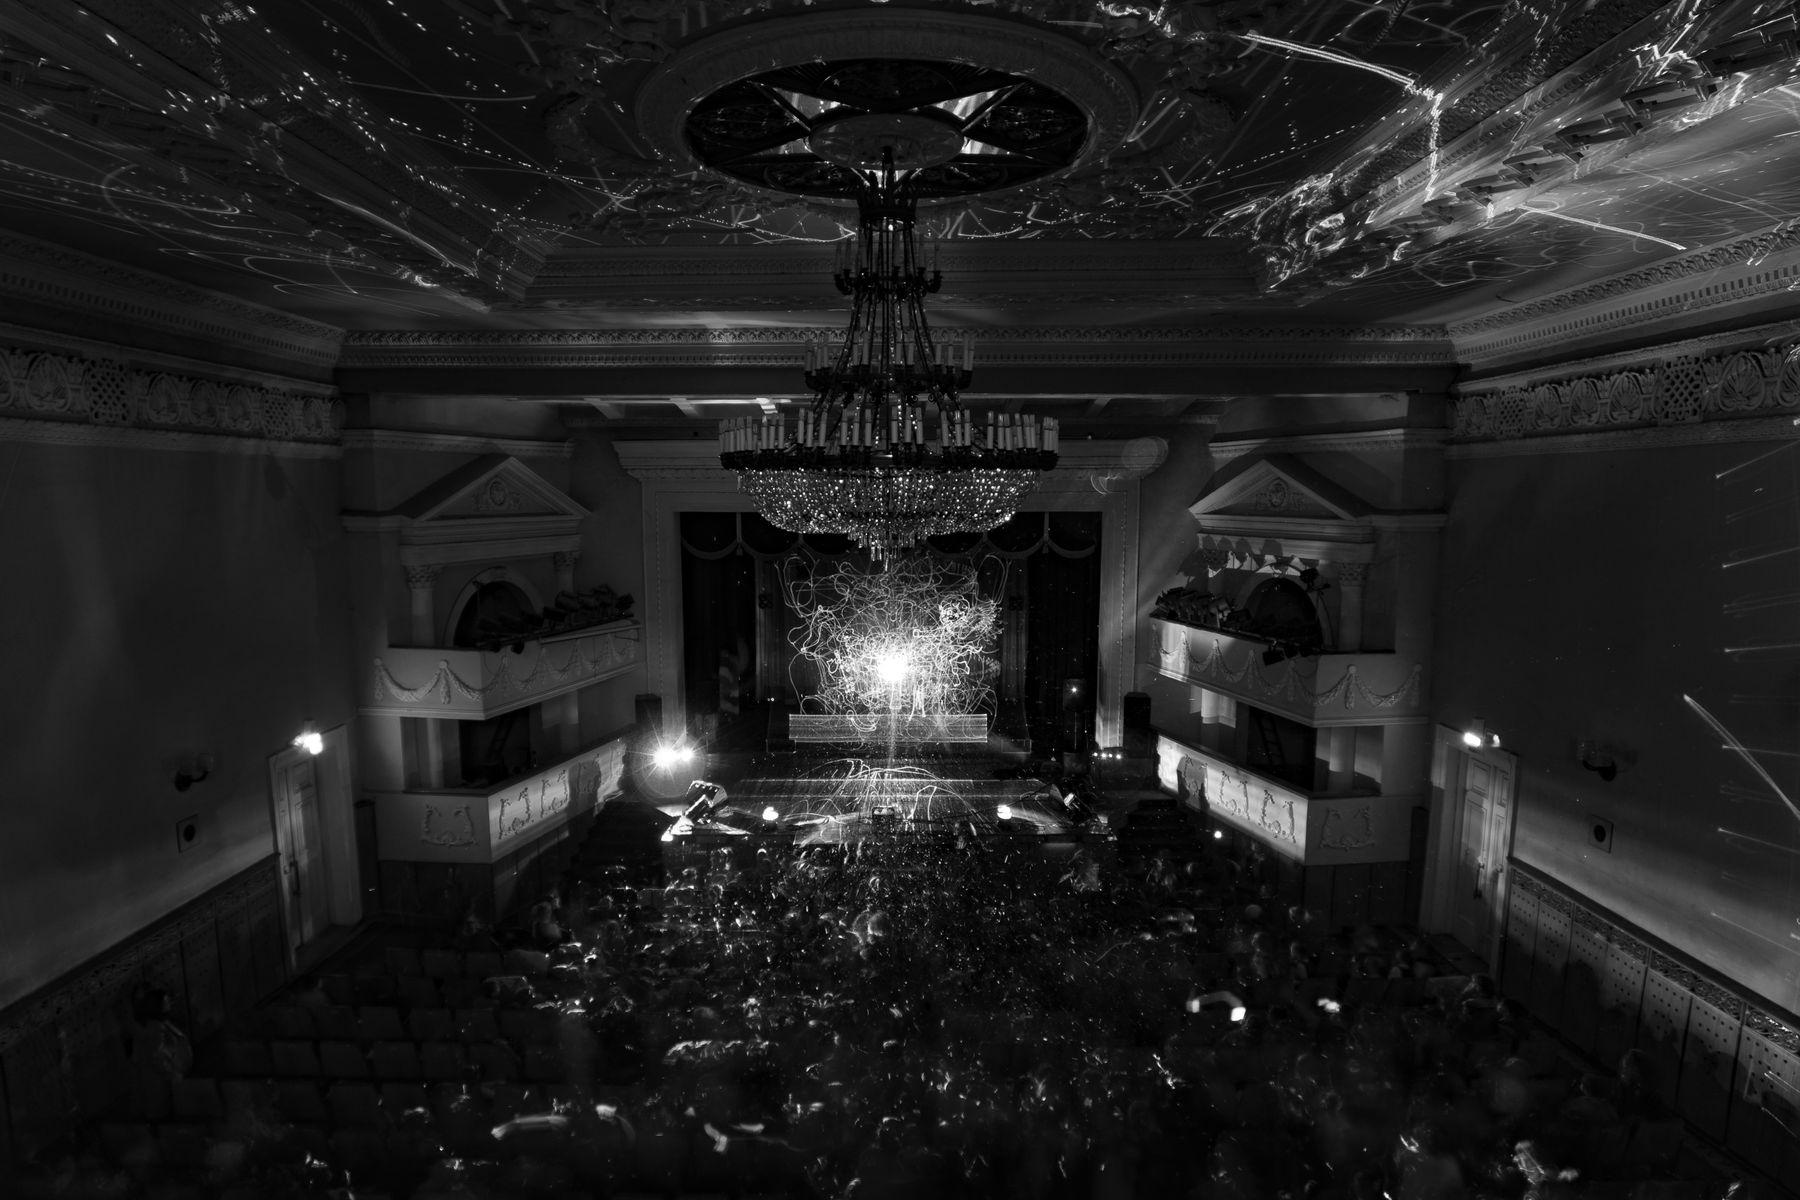 Представление лазерное шоу представление чёрно-белый